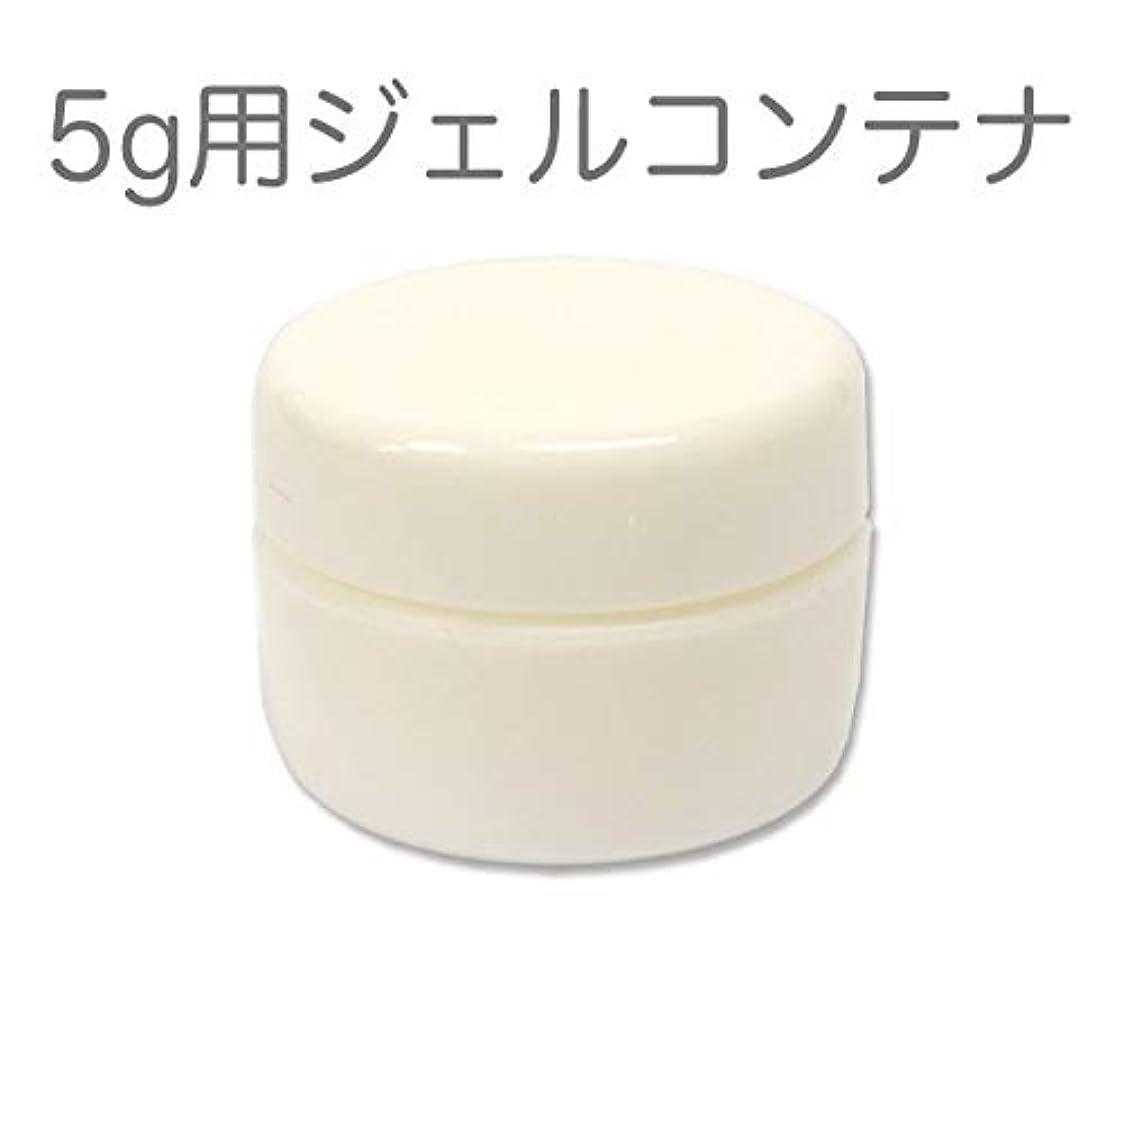 ナインへ頑丈セットアップ10個セット ジェルネイル用スペアコンテナ 容量5g ホワイト 蓋裏に漏れ防止パッキン付き